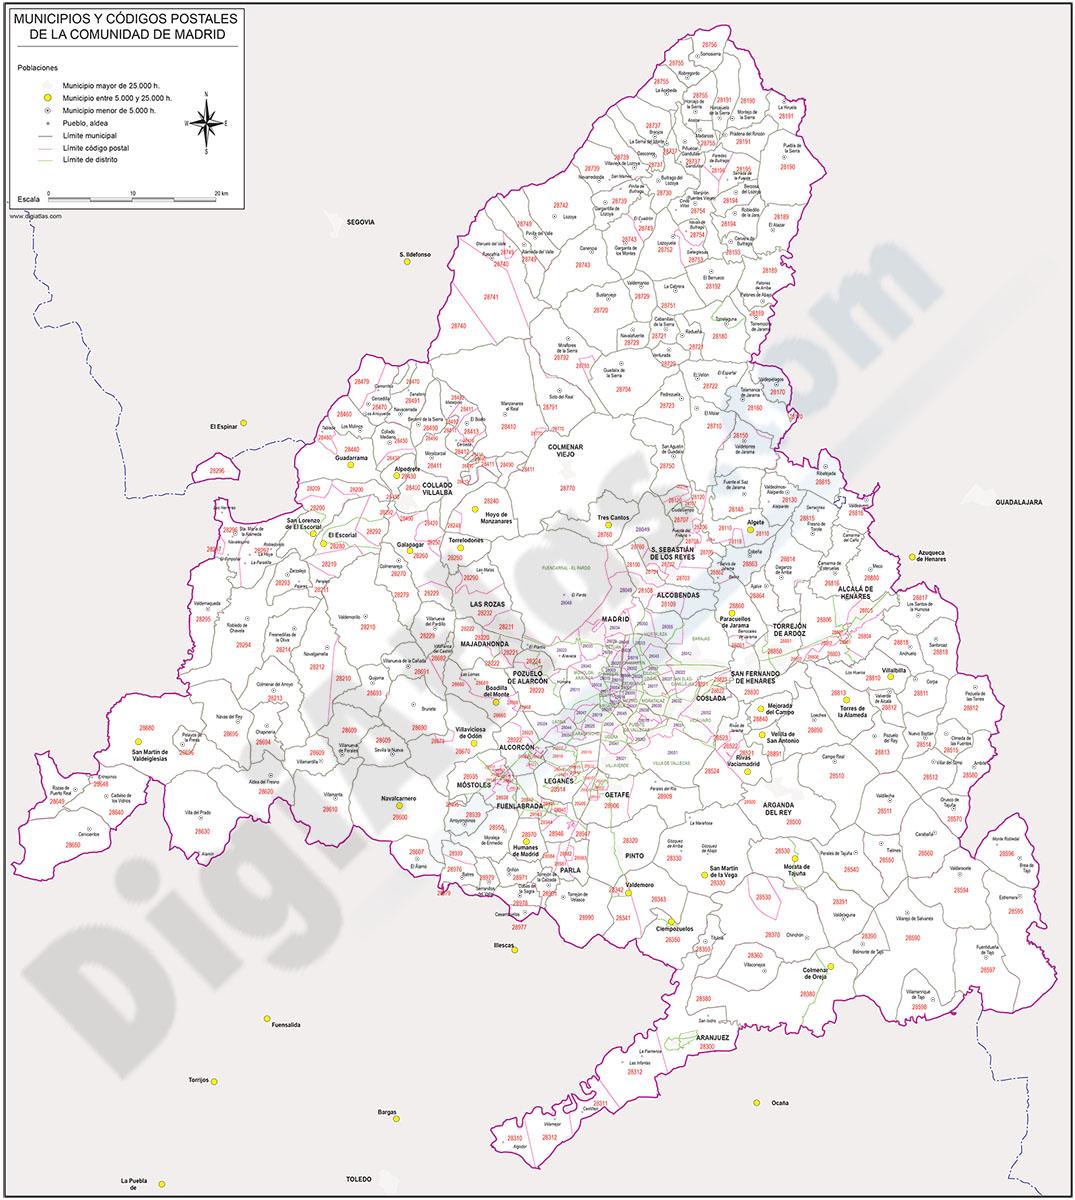 Madrid  - mapa autonómico con municipios y Códigos Postales